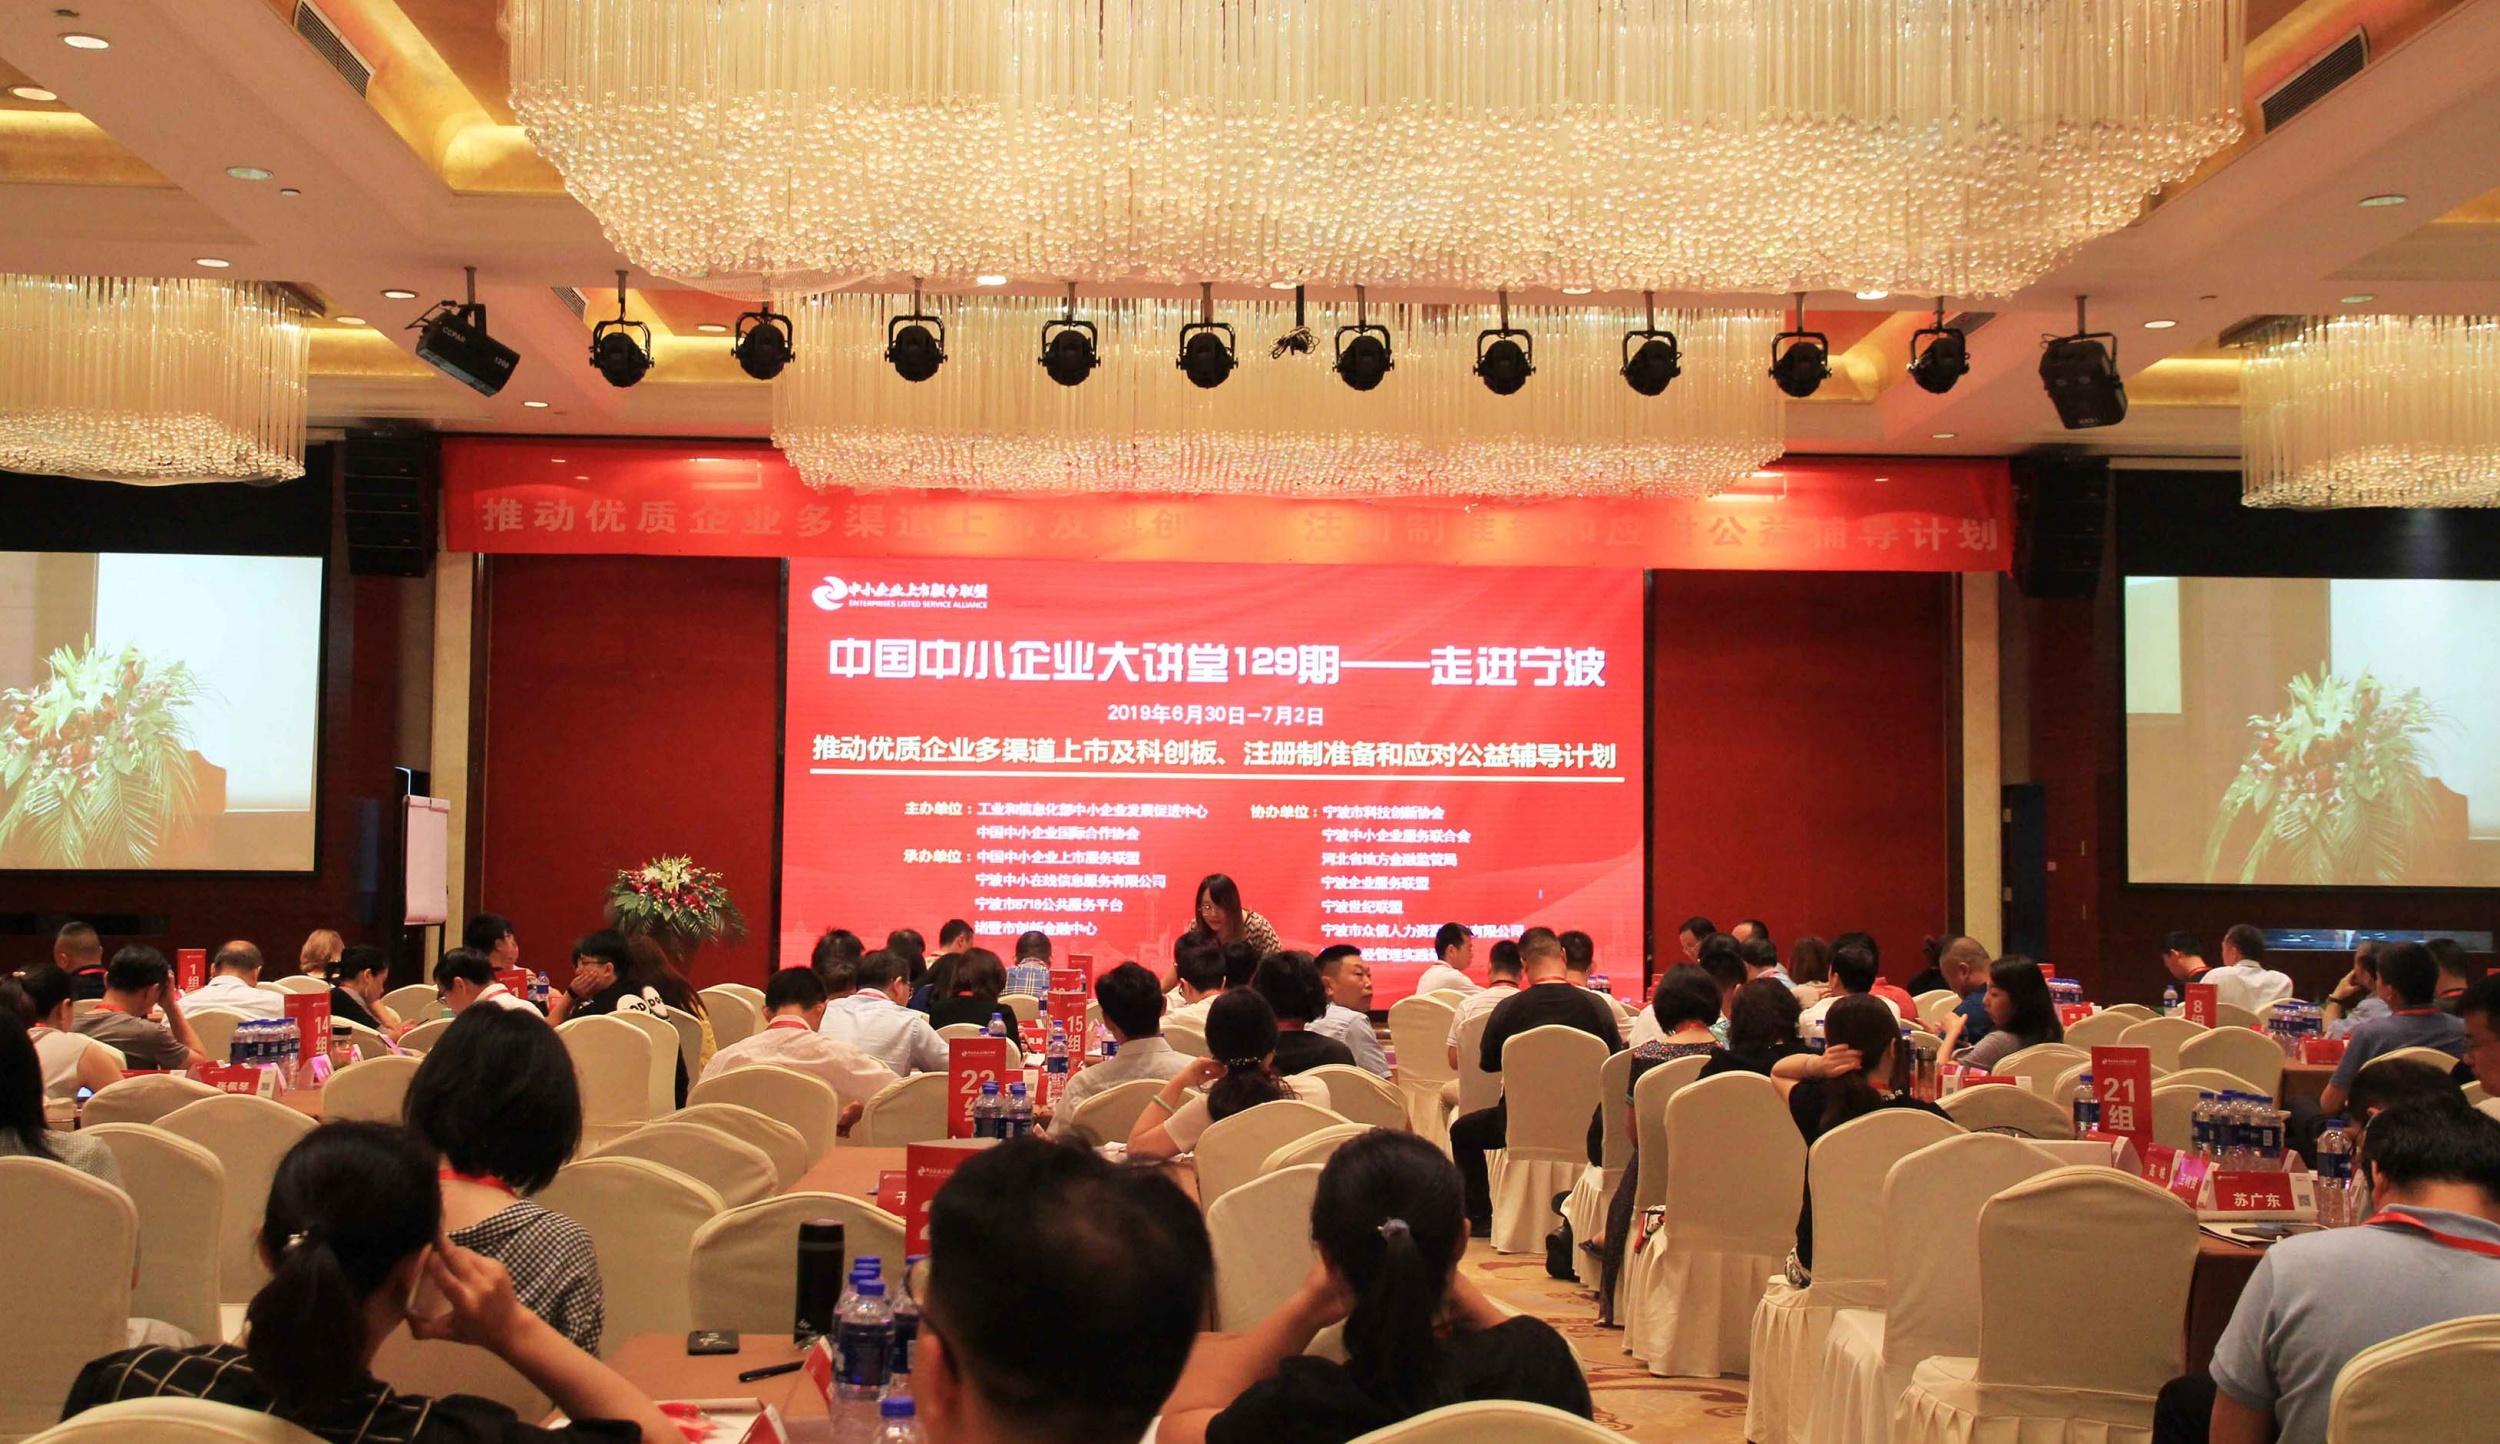 协会协办的中国中小企业科创板上市公益辅导顺利召开